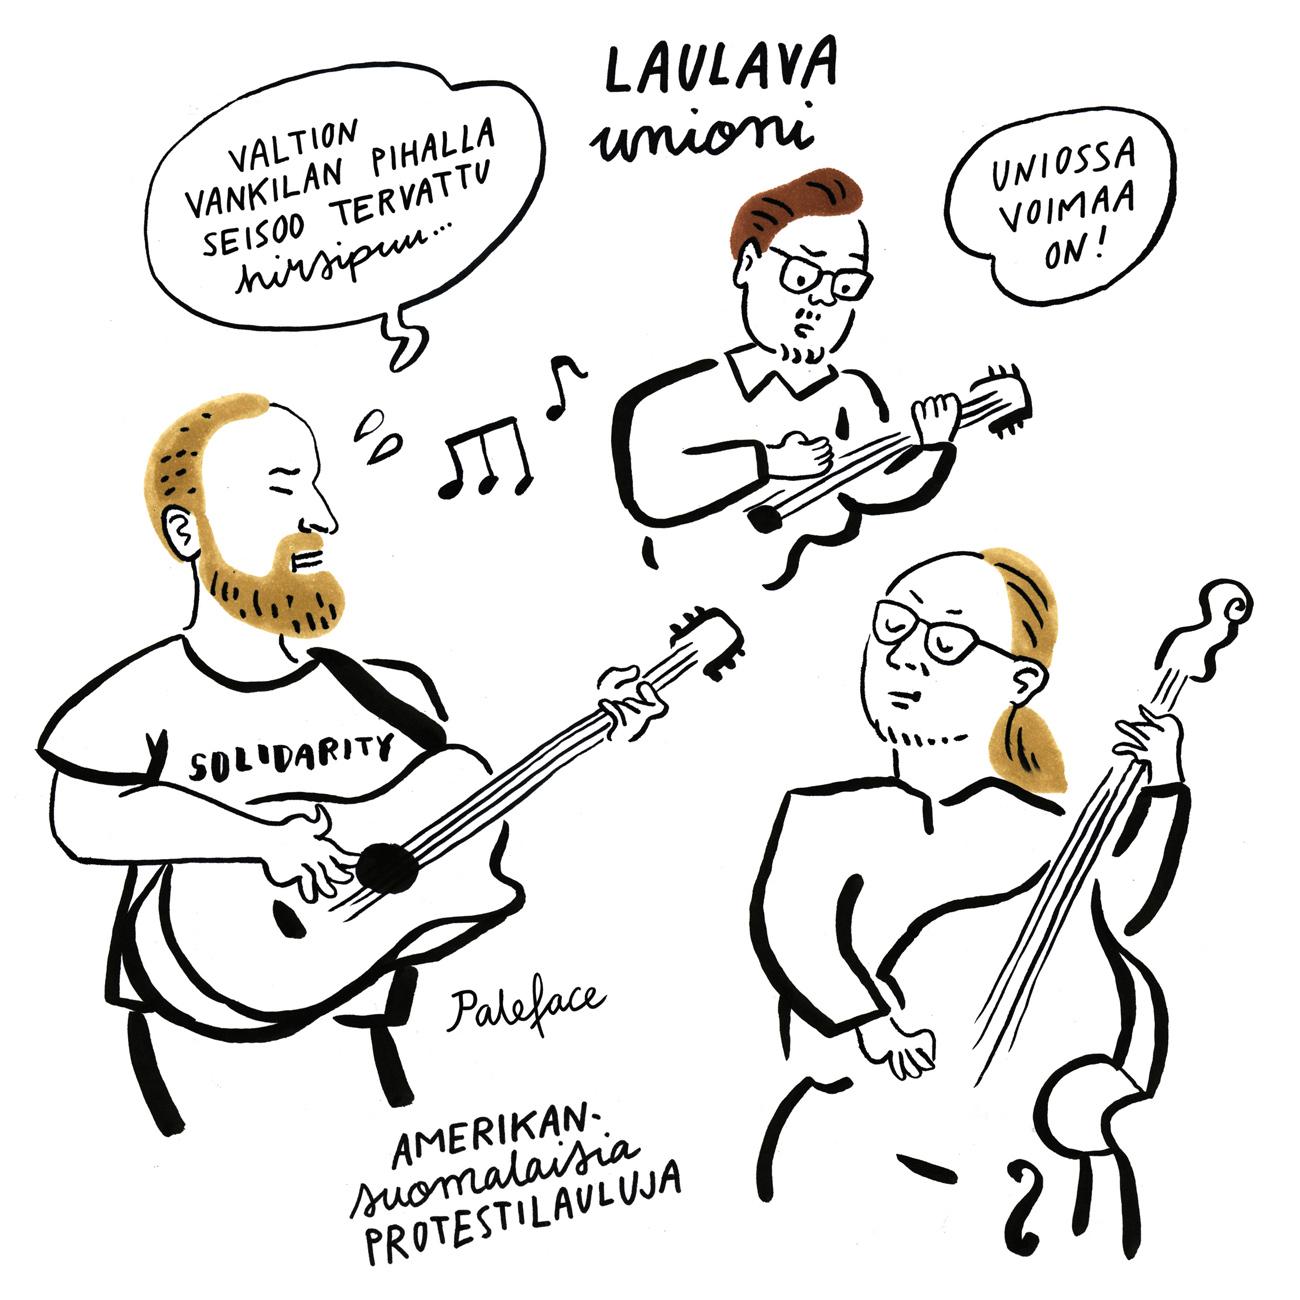 01laulava-unioni-web